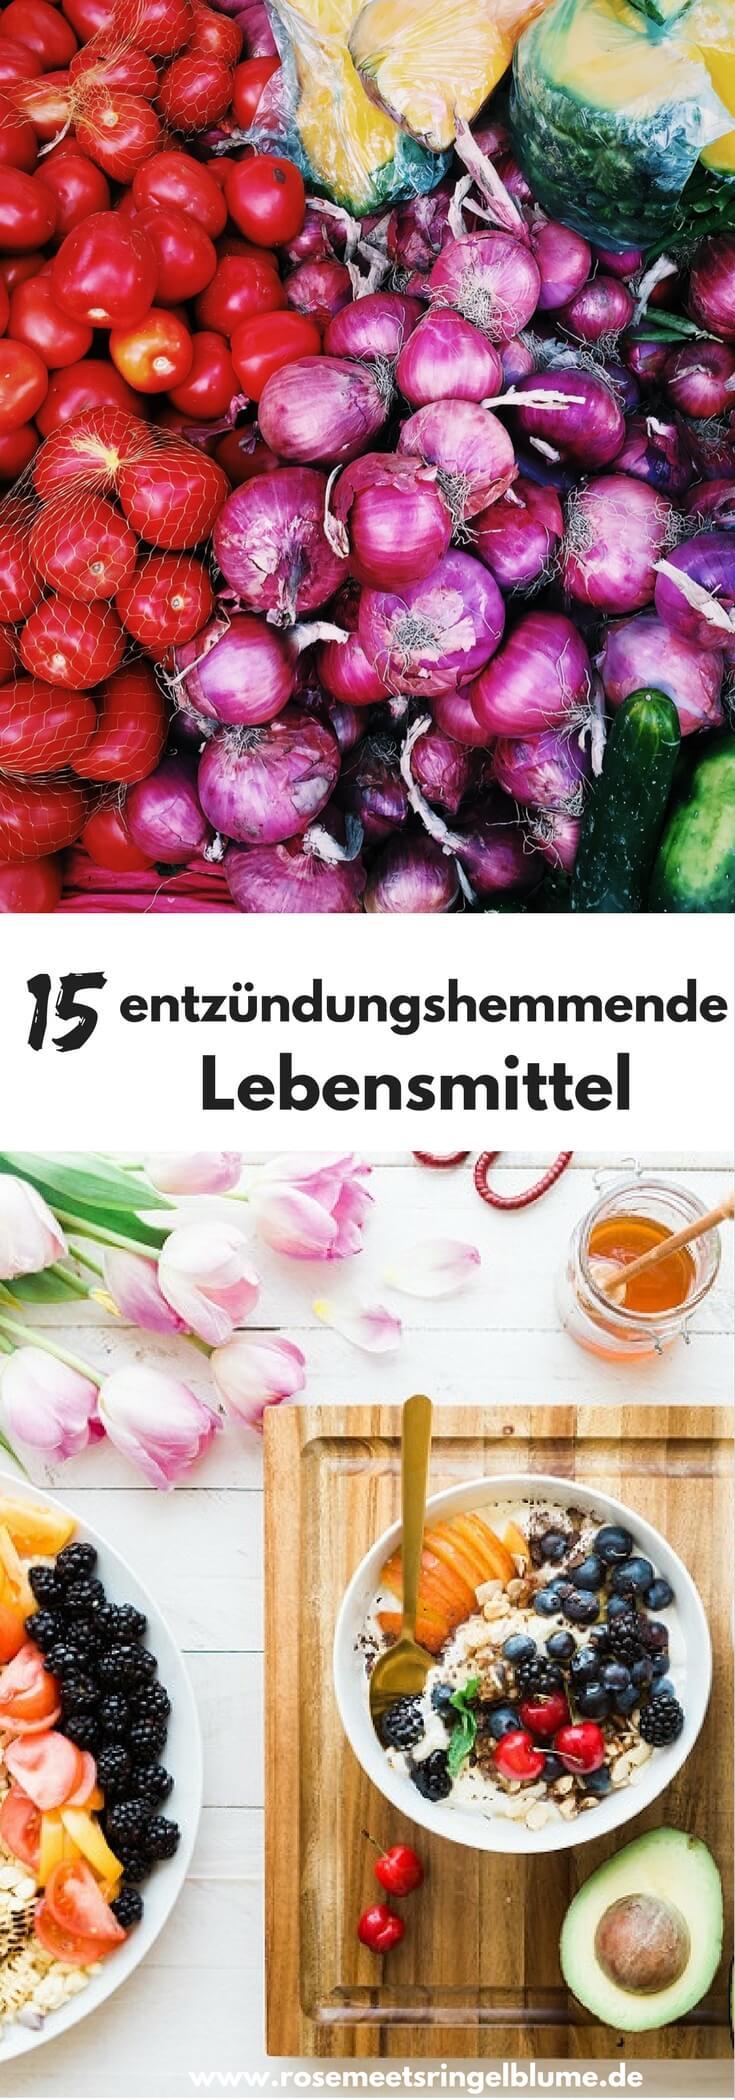 15 entzündungshemmende Lebensmittel ffür die Gesundheit